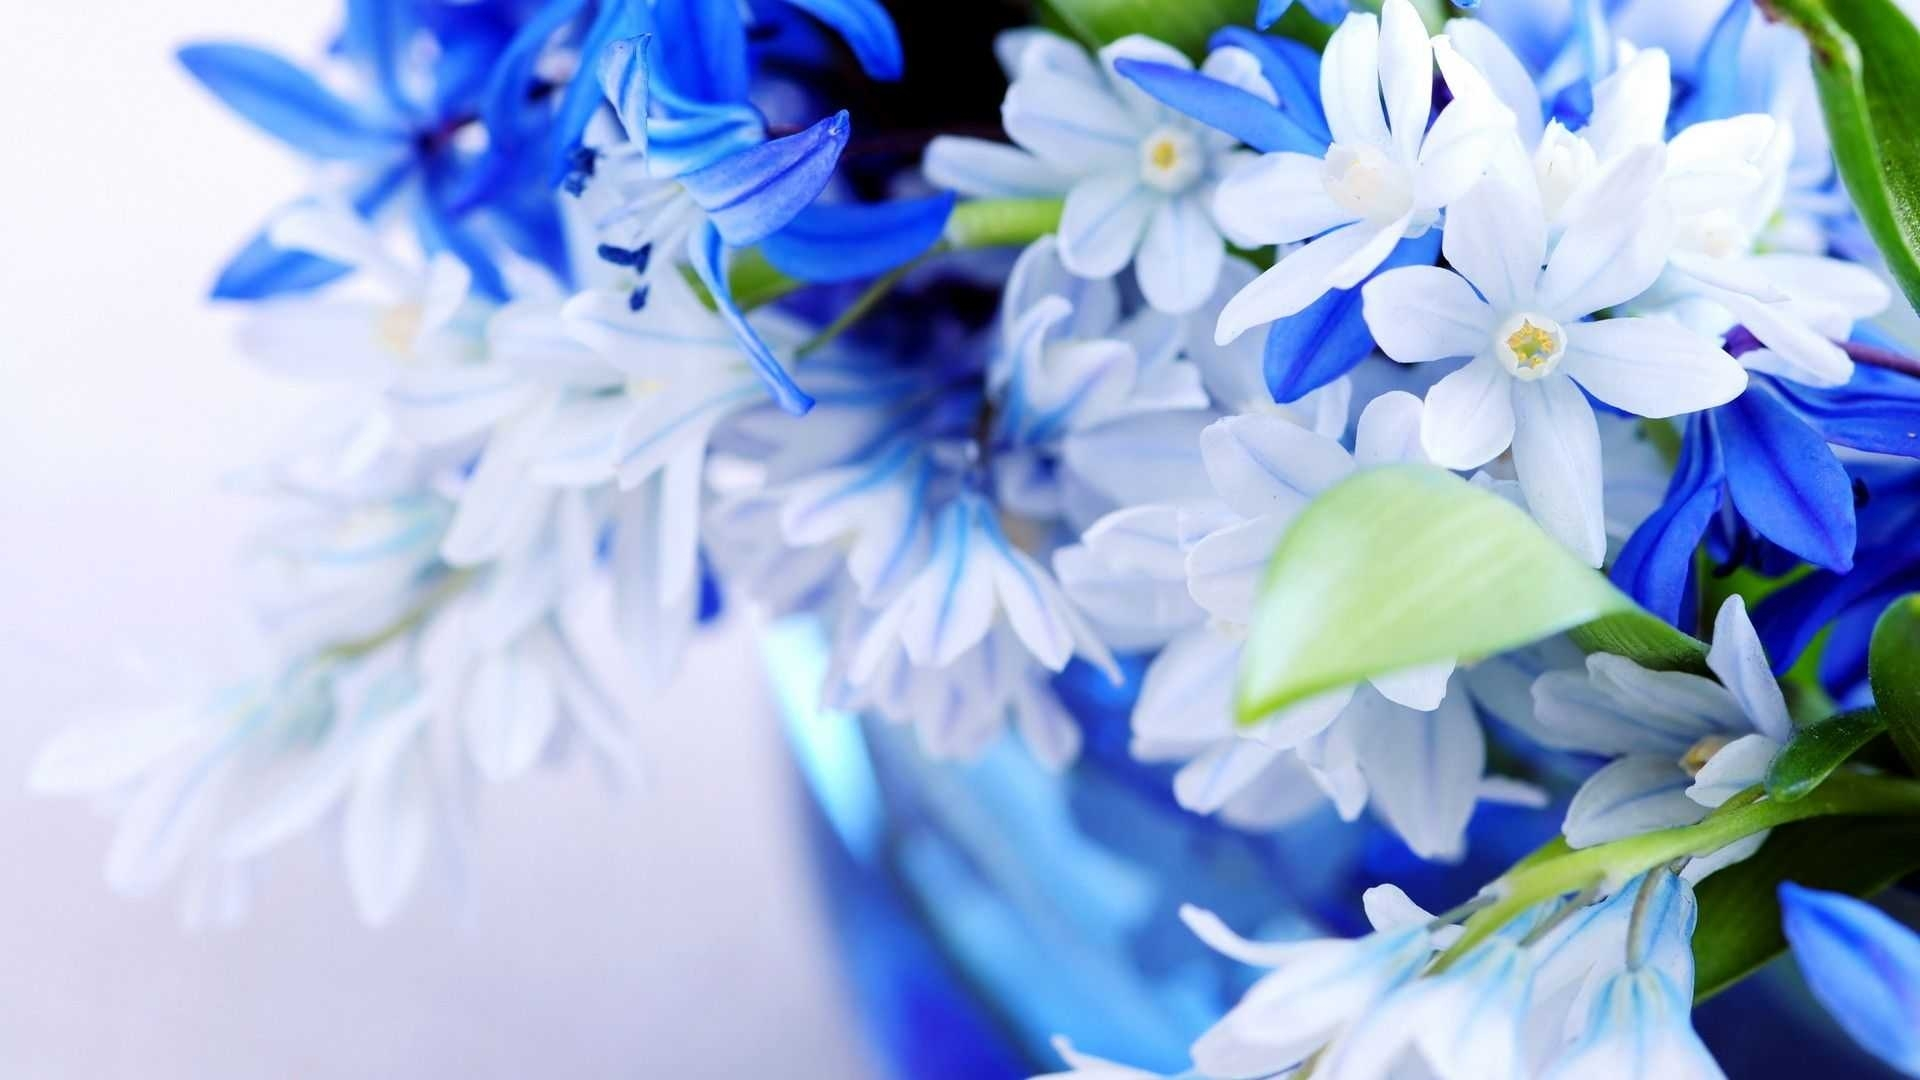 flower wallpaper desktop full size hd new for iphone elegant pixels